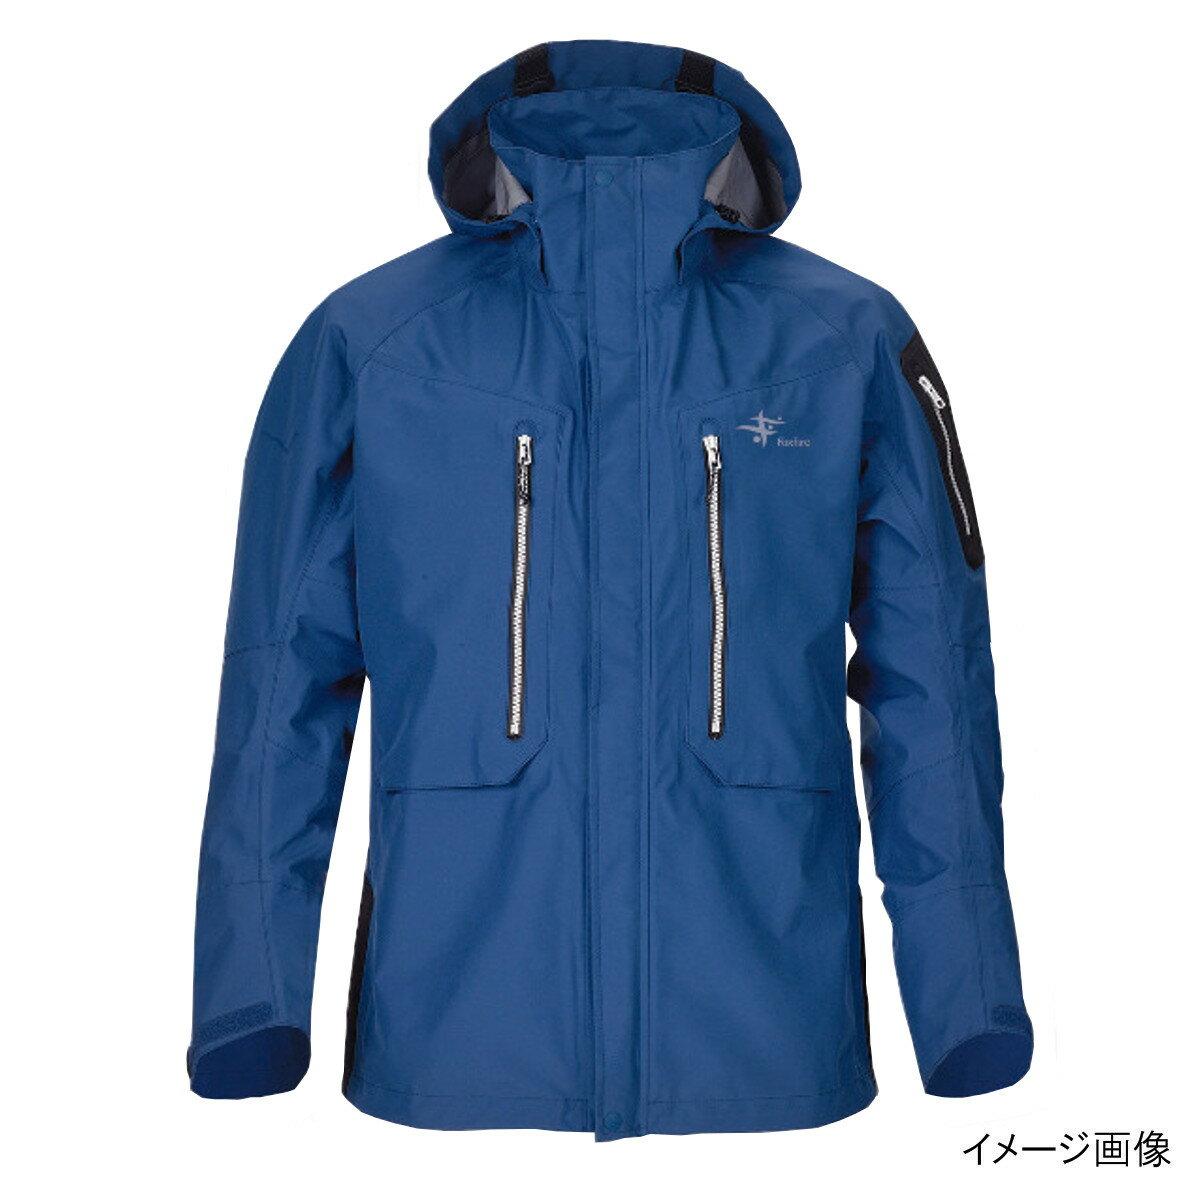 Foxfire ストーミーDSジャケット XL ブルー